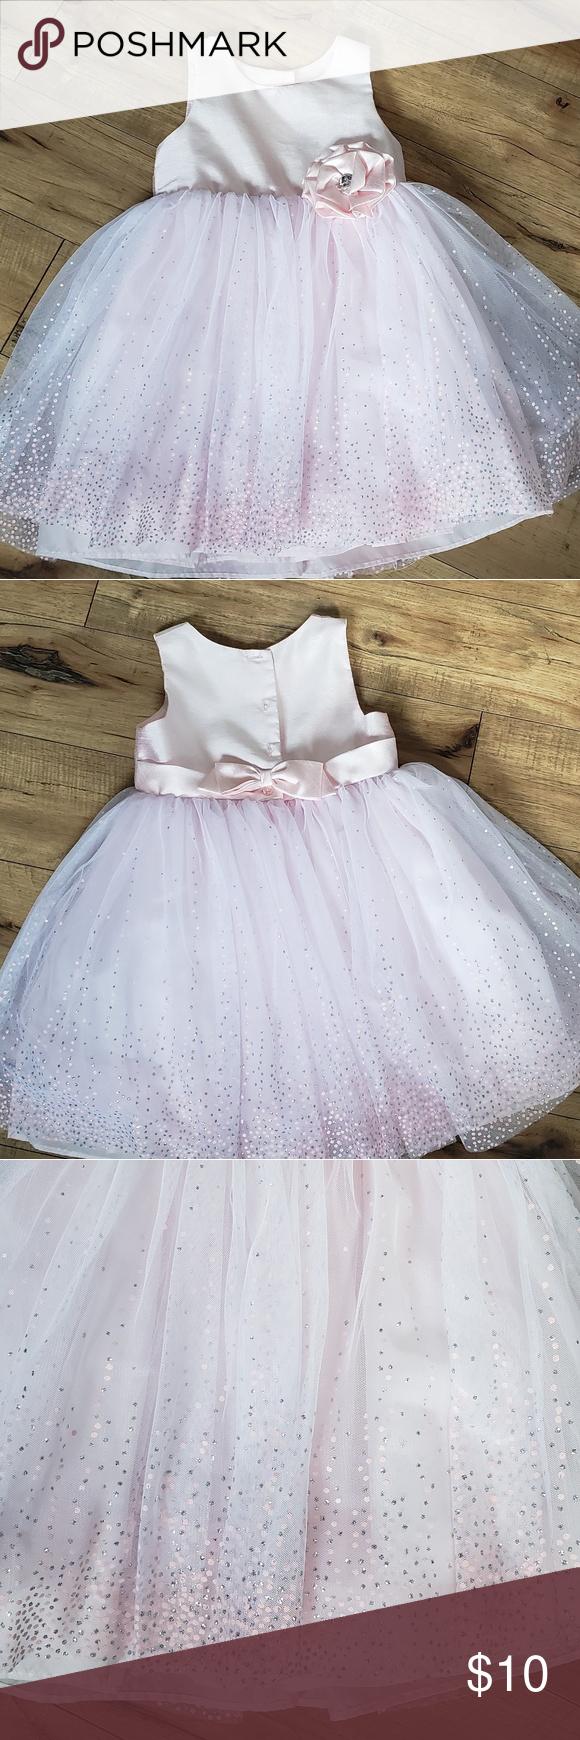 Pink Cherokee Tutu Dress 5t Dresses Tutu Dress Dresses 5t [ 1740 x 580 Pixel ]